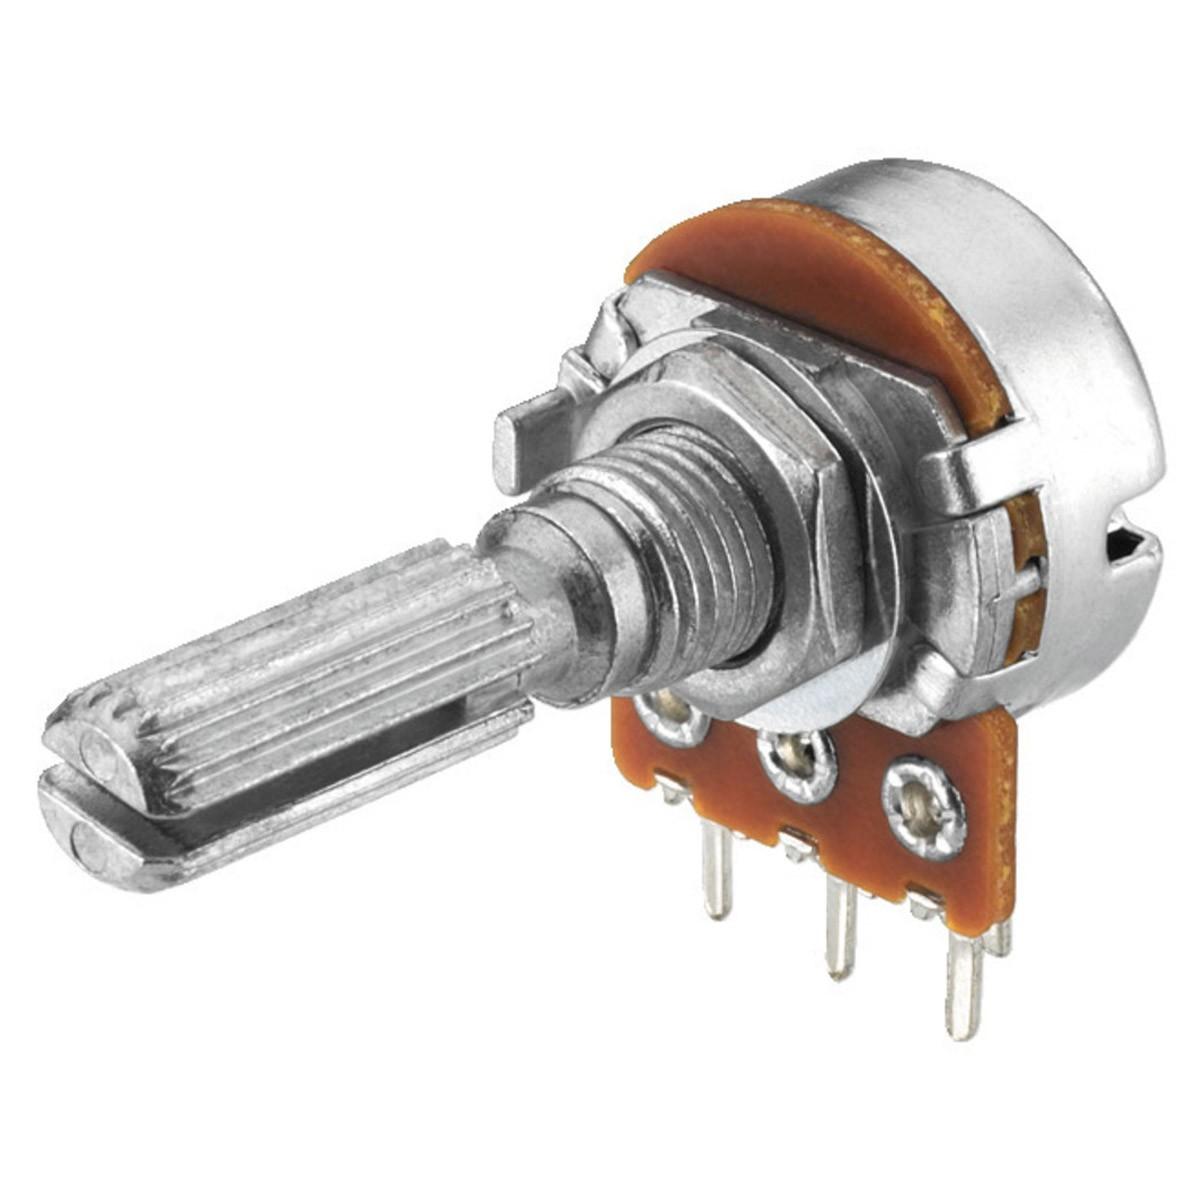 Mono potentiometer VRB-100M200 200kohm